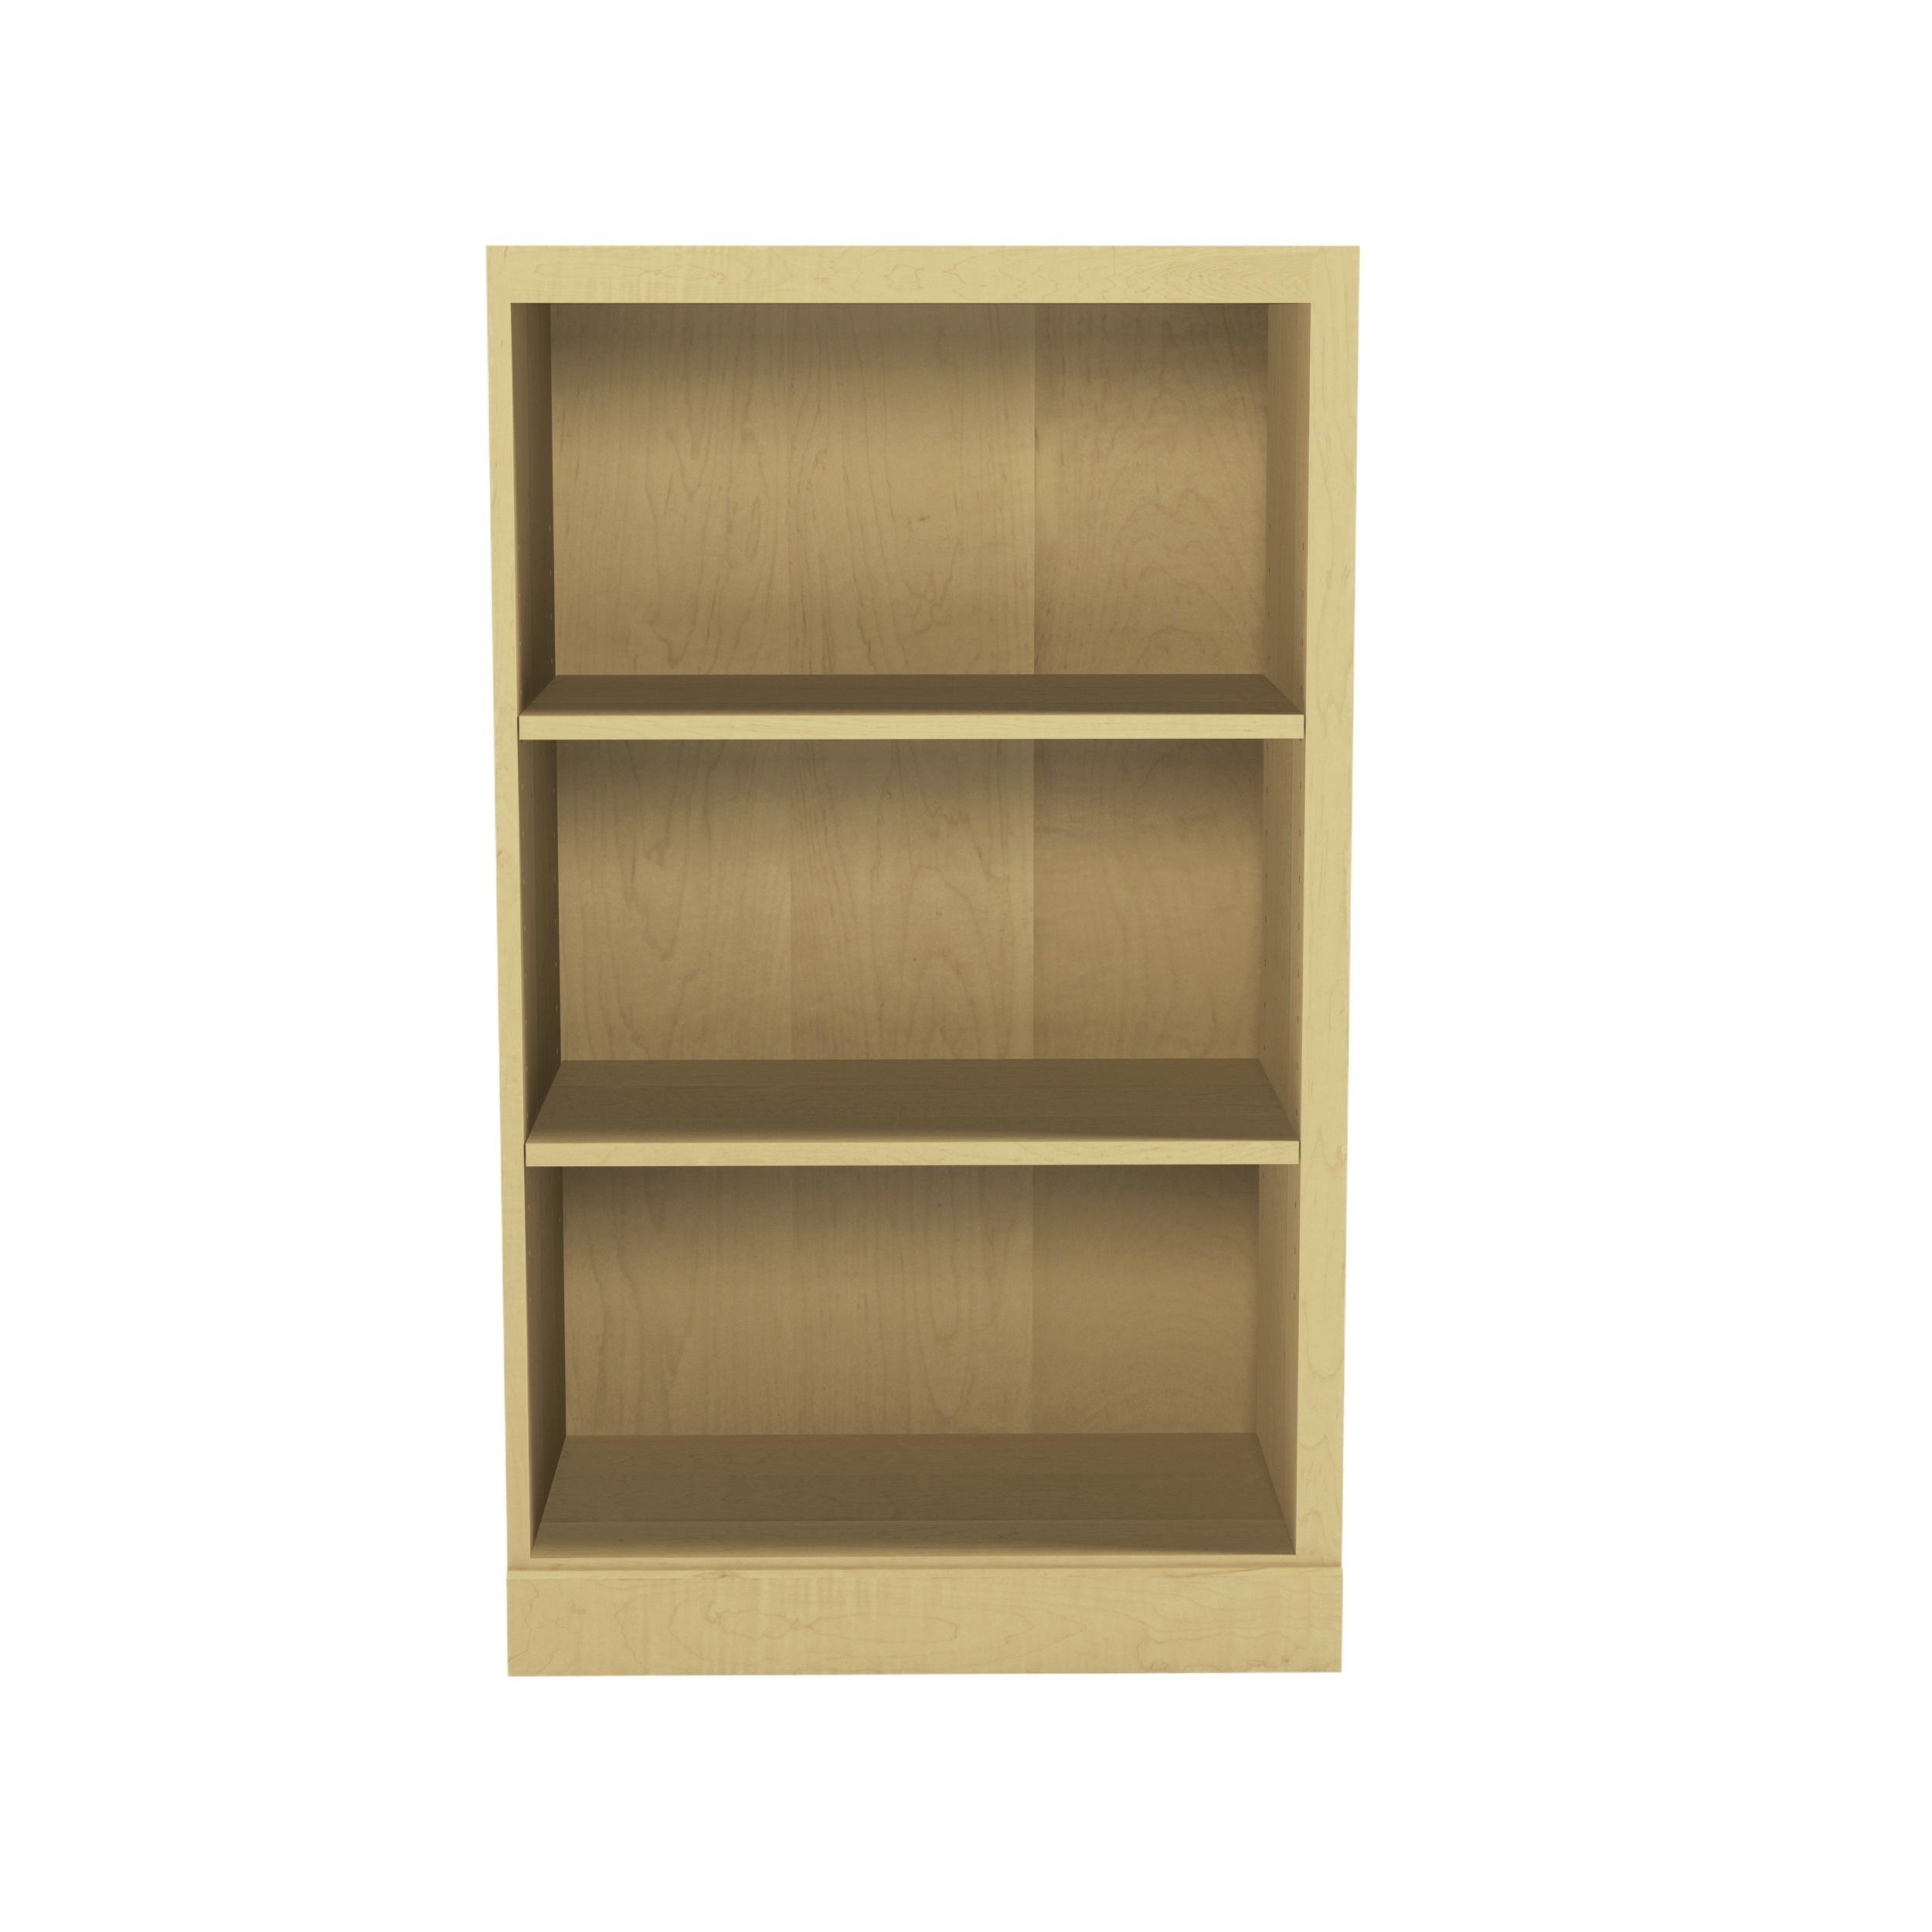 Flexmoderne 45″ In Height Deep Rightside Bookshelf